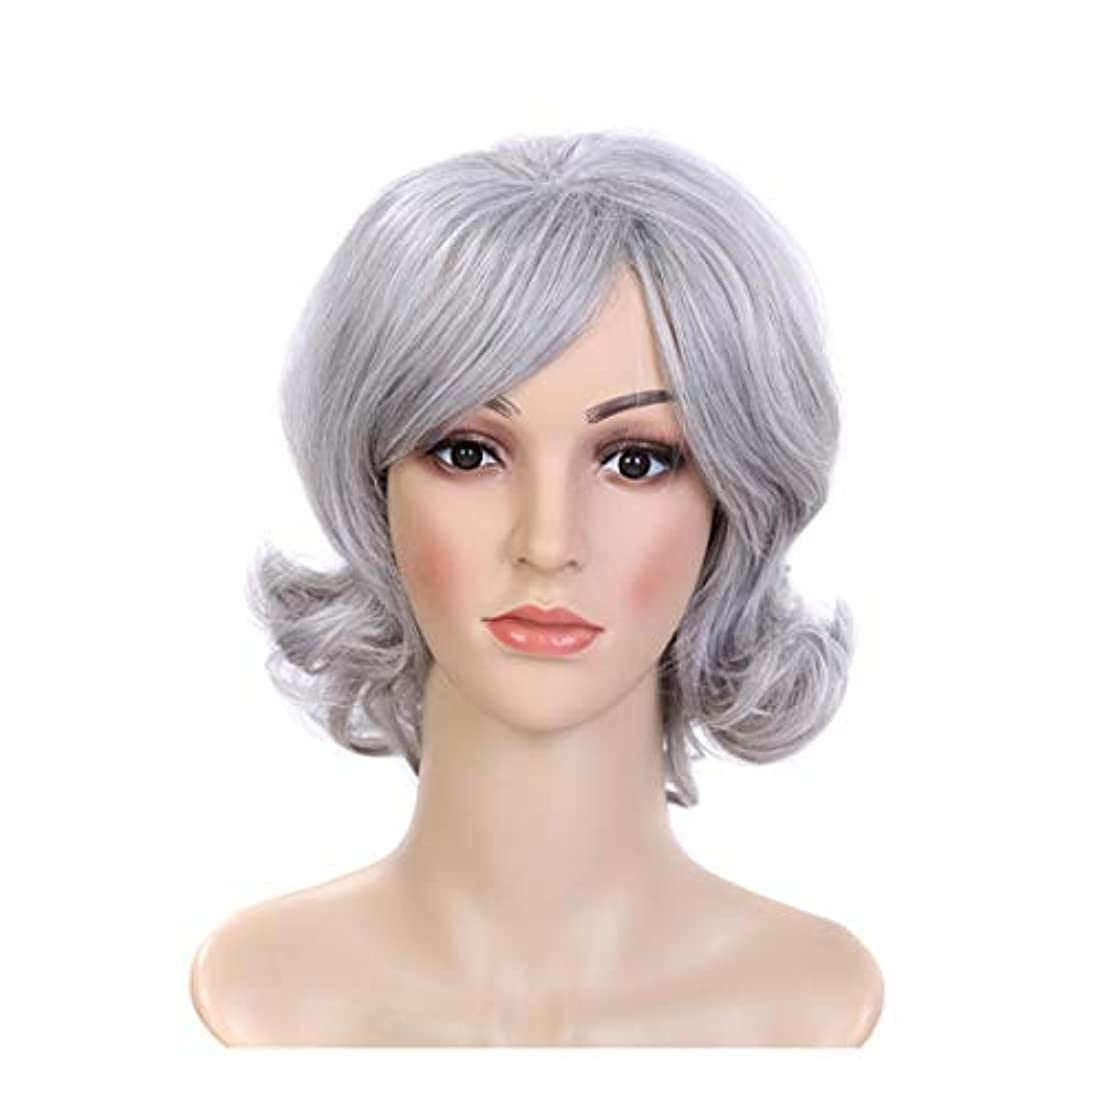 幻想チャレンジ融合YOUQIU ホワイト色のウィッグ女性の女の子のかつらのためのショートカーリーヘア合成ふわふわフルウィッグ (色 : Silver grey/grand ash)